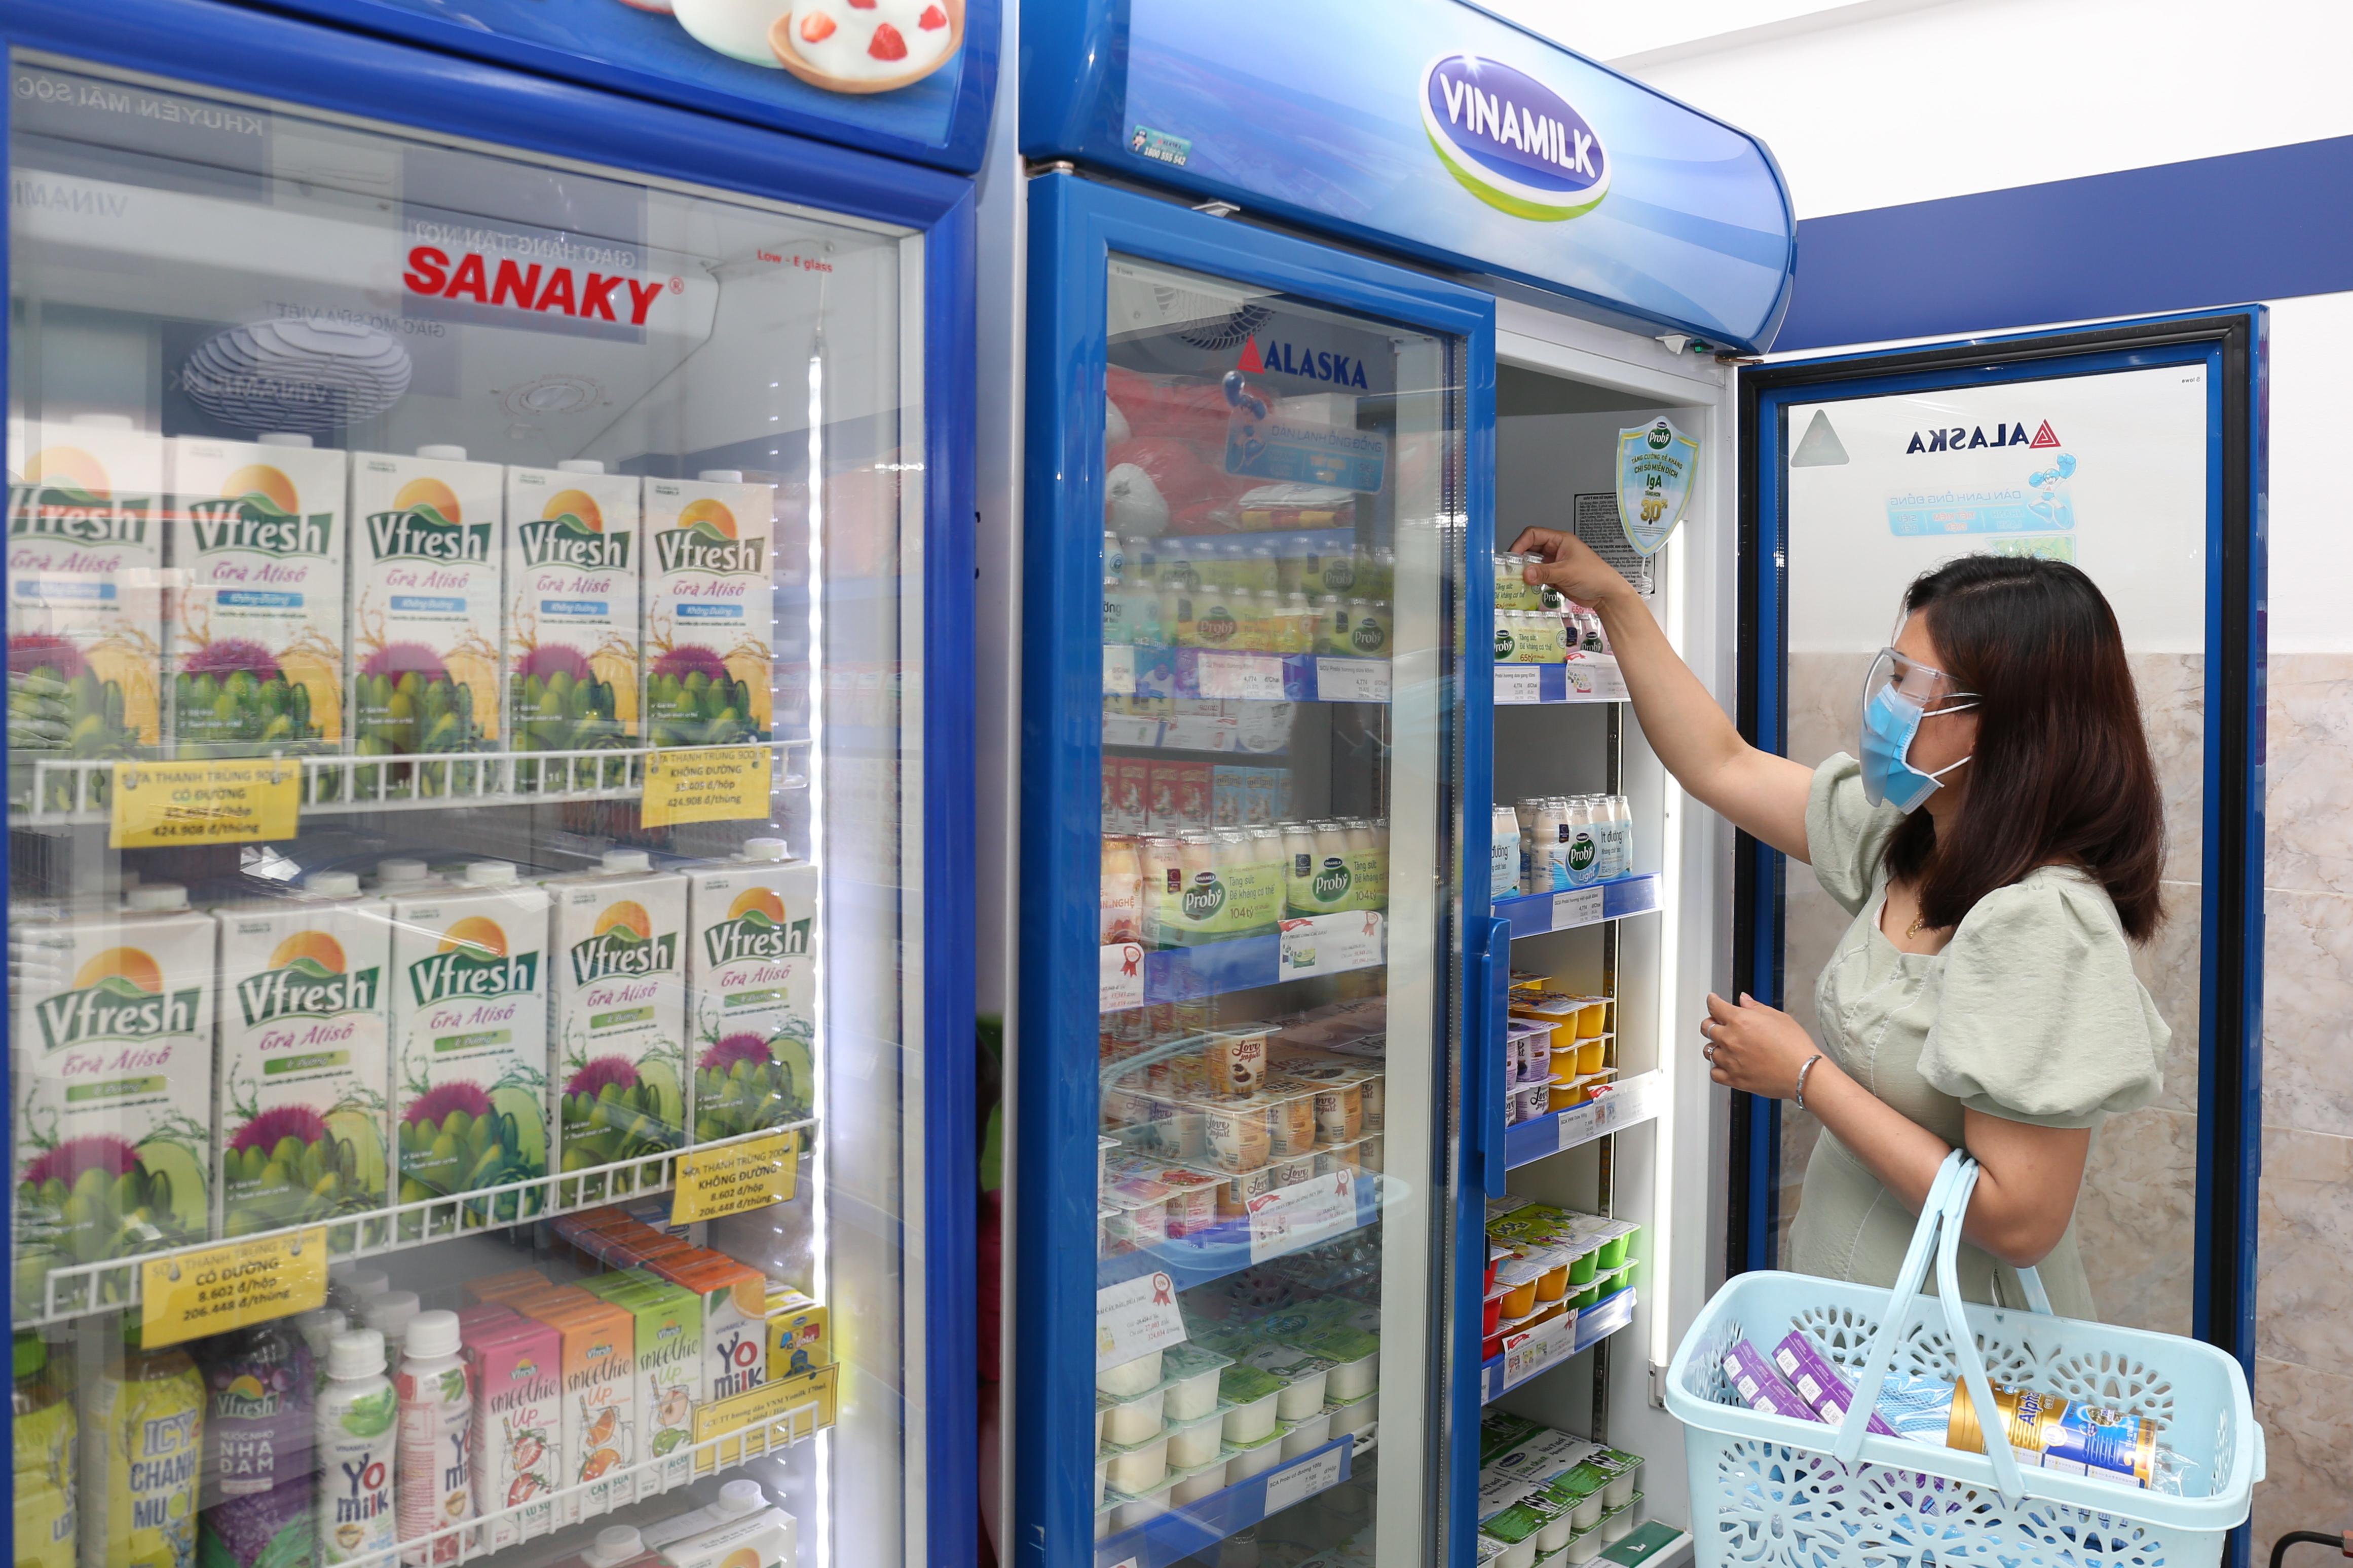 Với hệ thống 500 cửa hàng chính thức và gần 250.000 điểm bán trên toàn quốc - tại bất cứ đâu người tiêu dùng đều có thể mua được các sản phẩm Vinamilk mình yêu thích (Hình tư liệu)